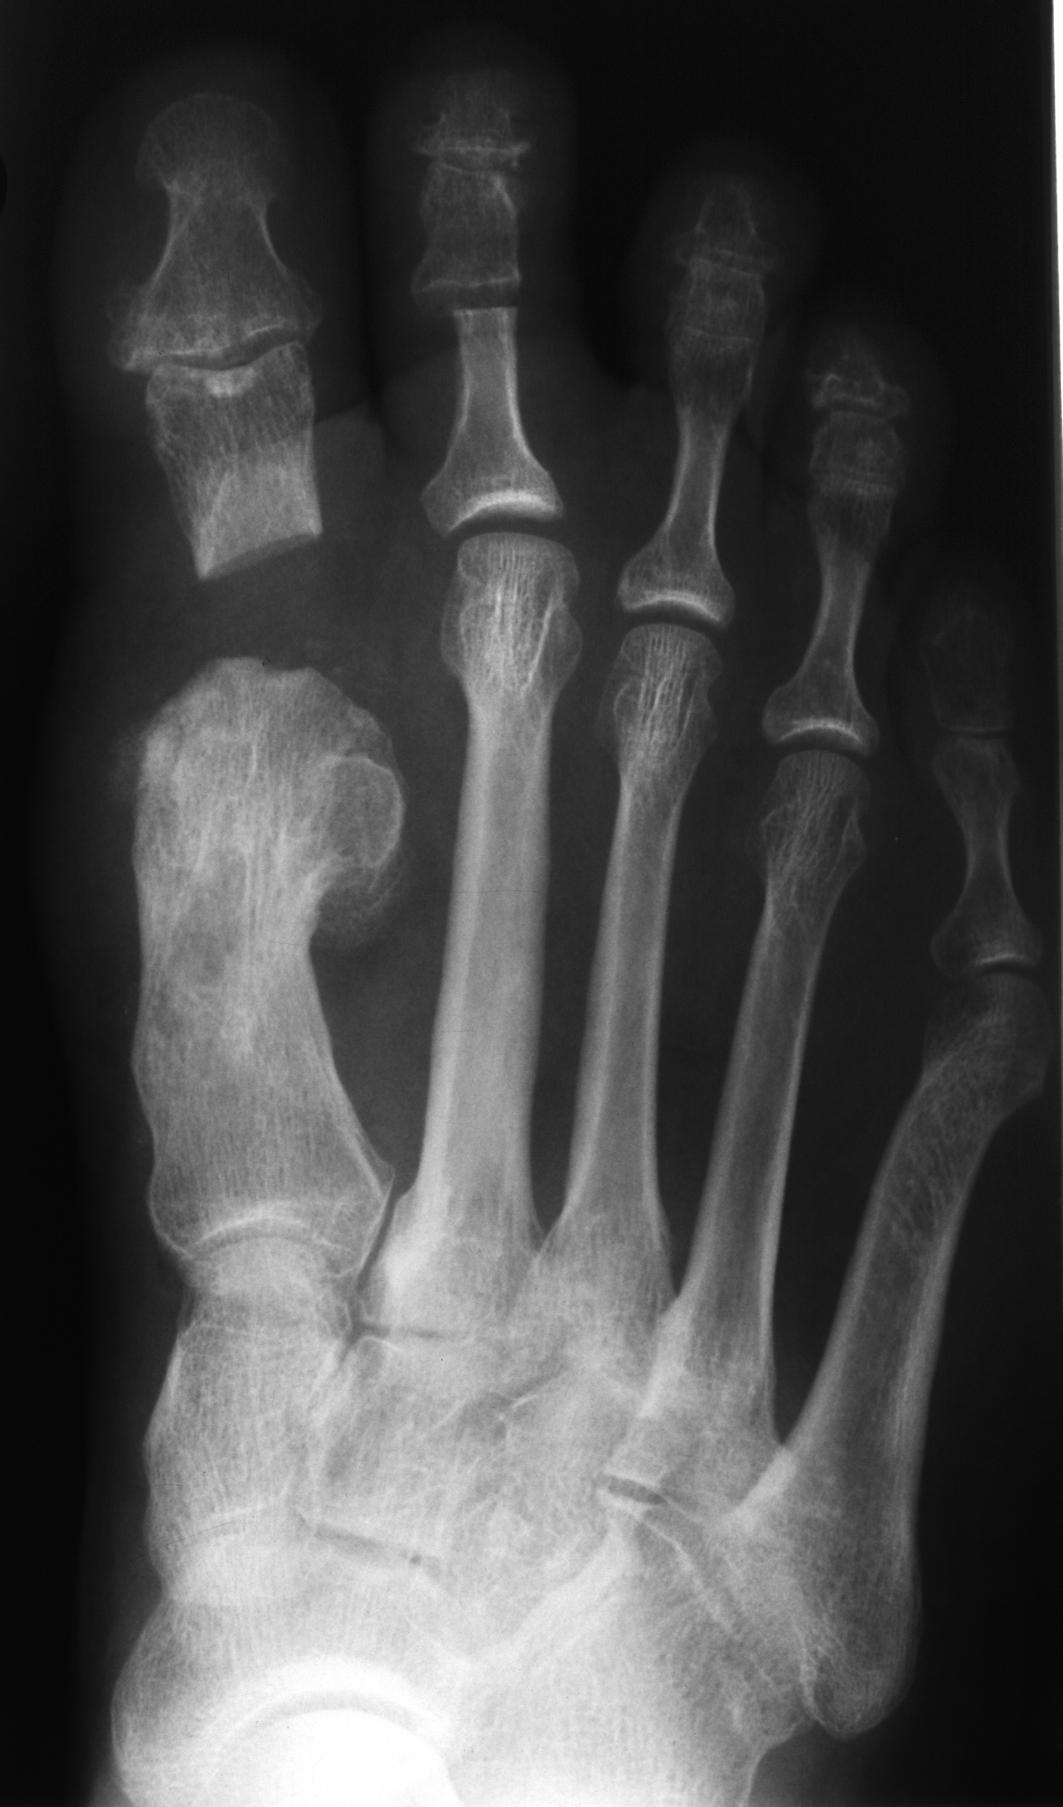 Im Röntgenbild deutliche Überlänge von MFK 2 und MFK 3 gegenüber MFK 1.